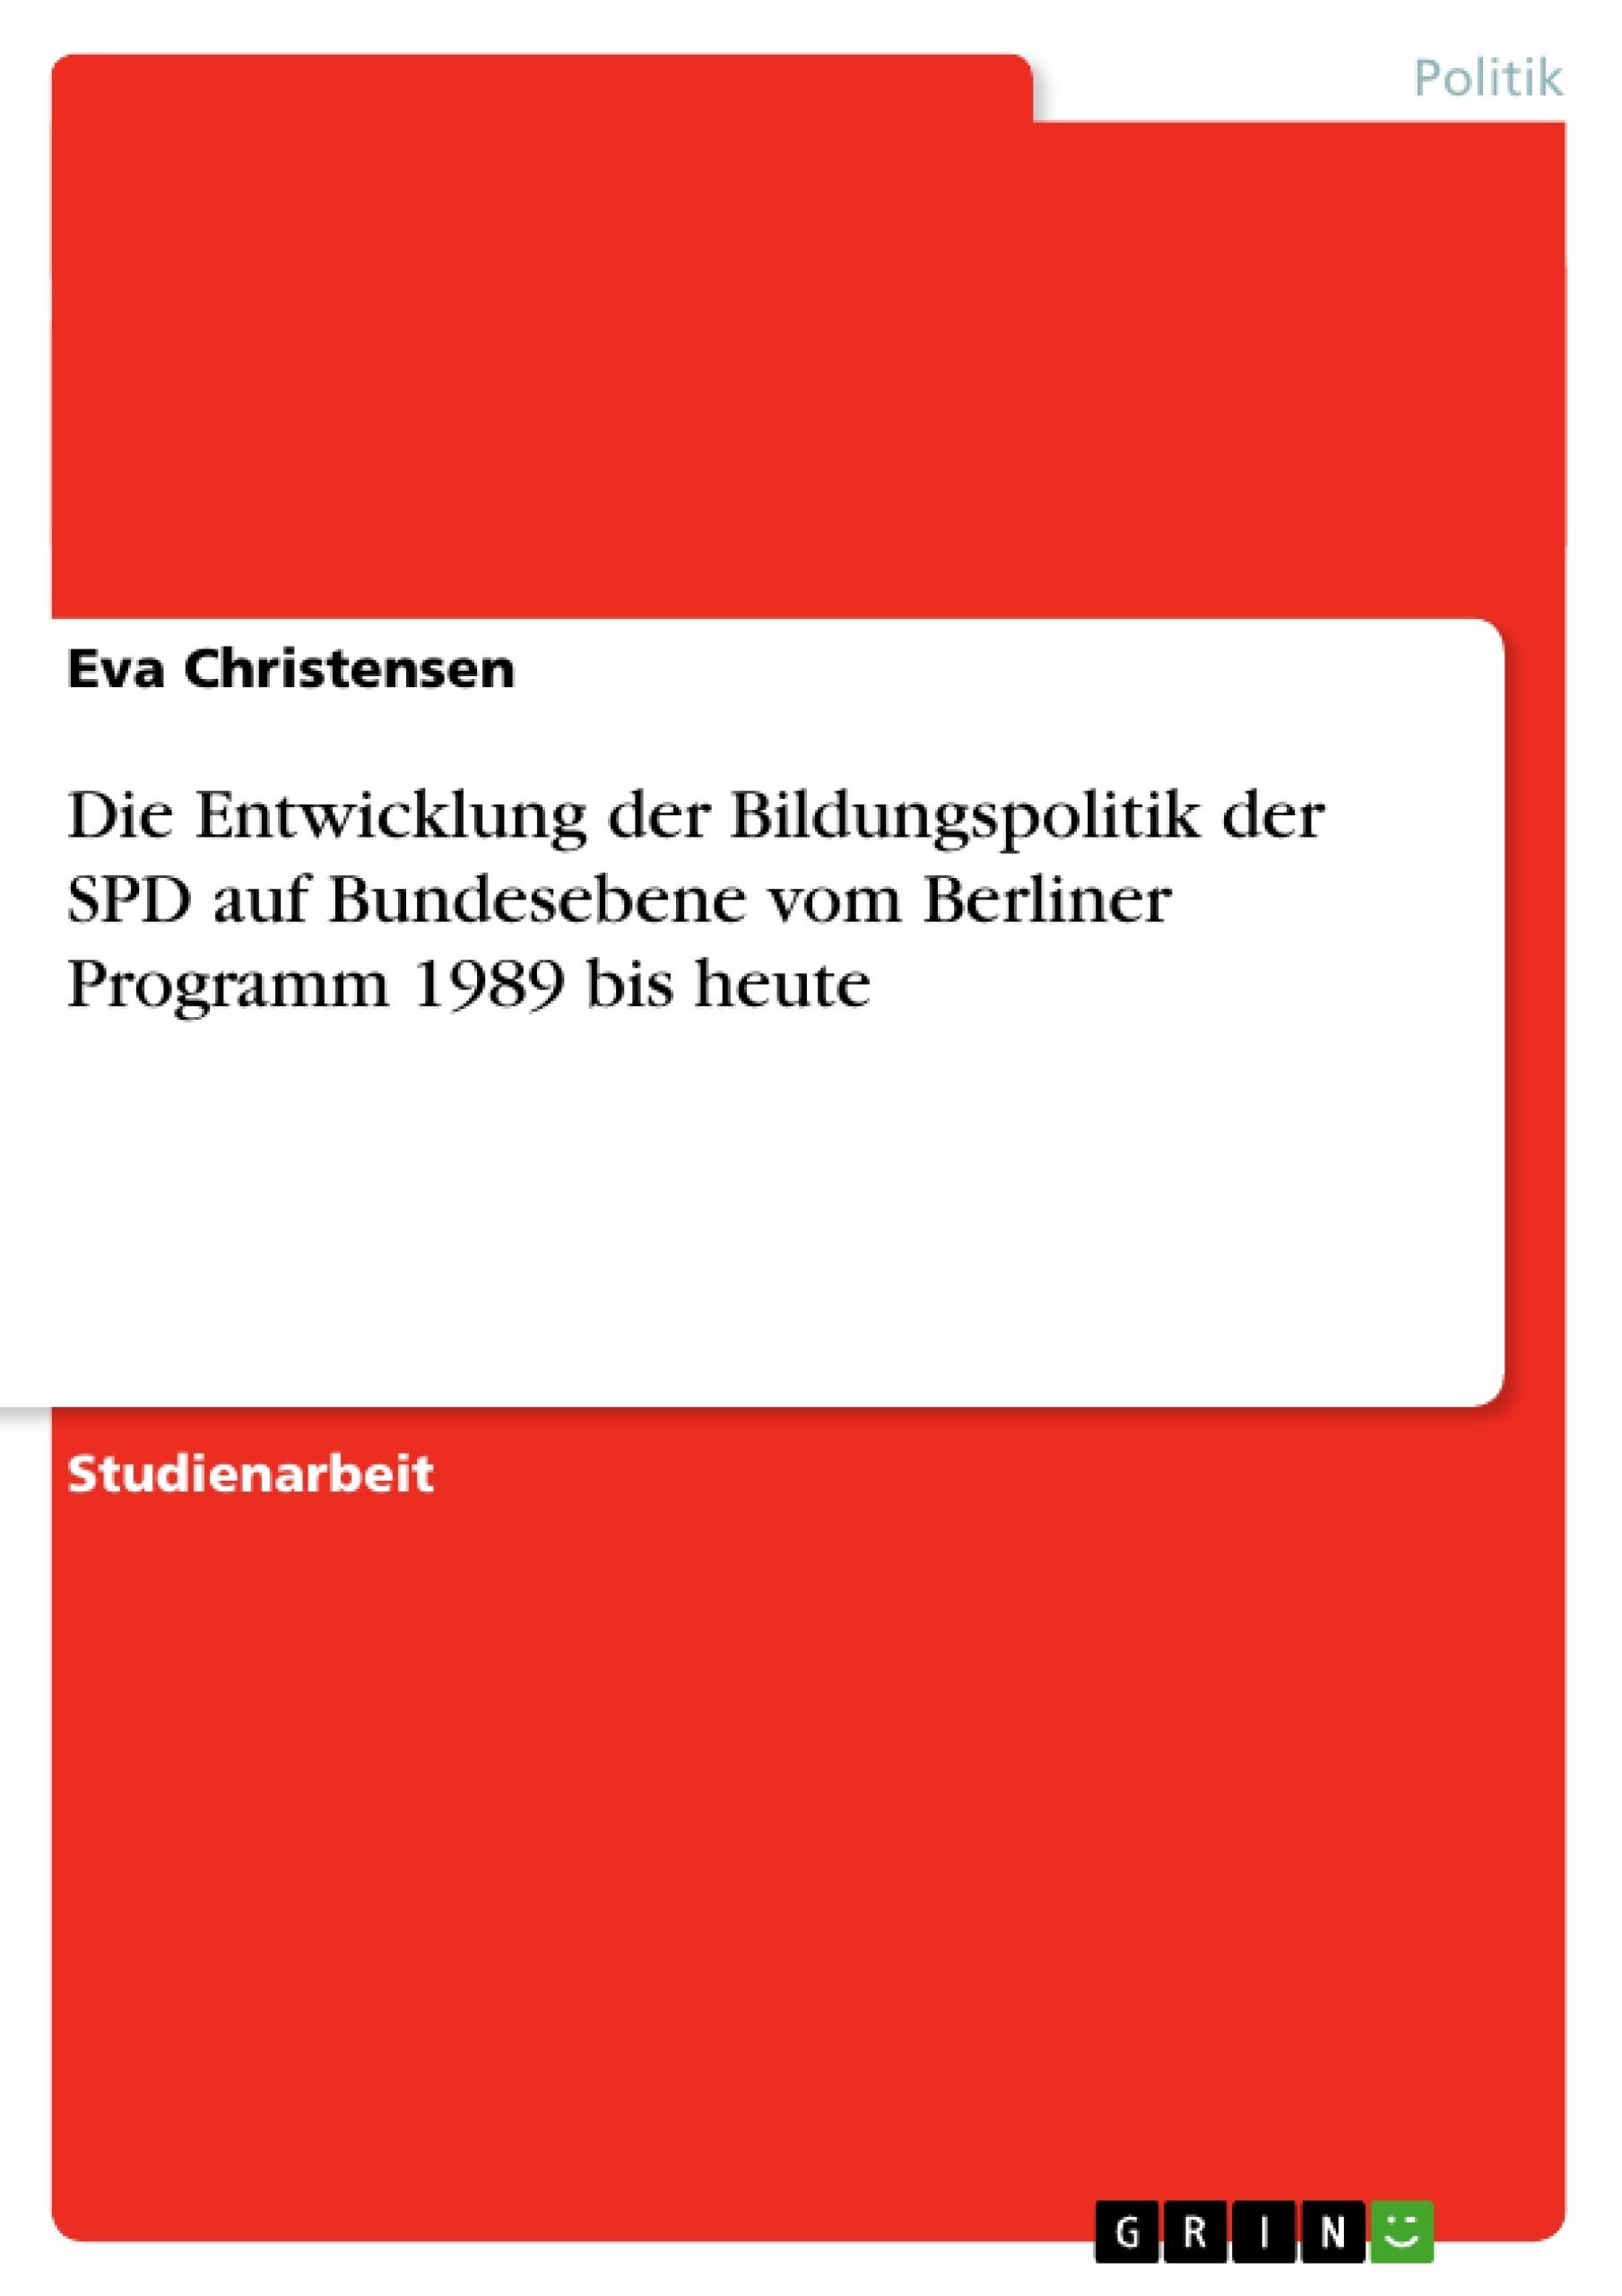 Titel: Die Entwicklung der Bildungspolitik der SPD auf Bundesebene vom Berliner Programm 1989 bis heute